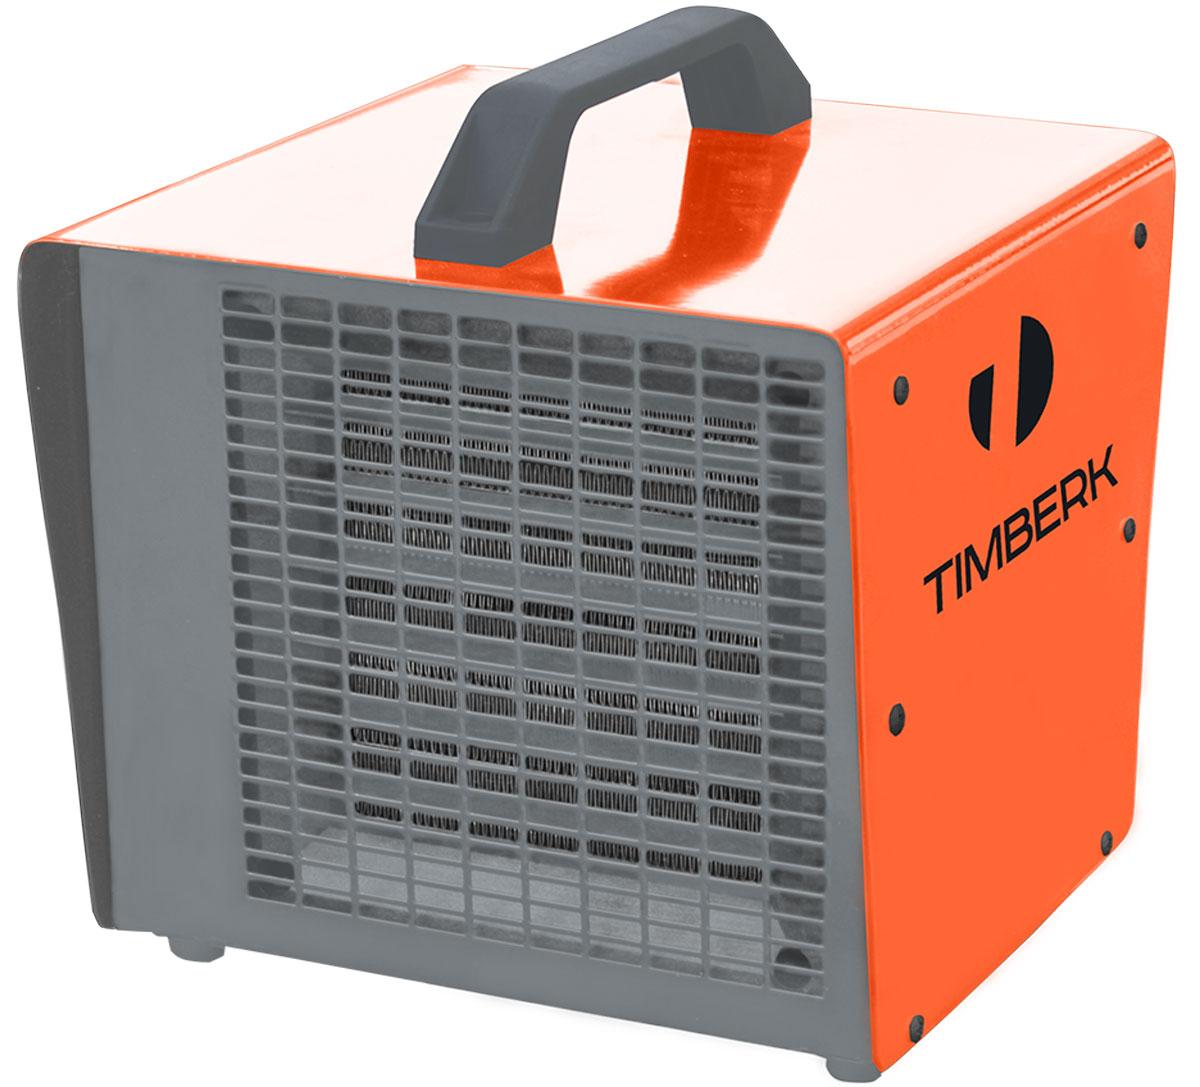 Timberk TFH T20MDX тепловентиляторTFH T20MDXТепловентилятор Timberk TFH T20MDX обеспечивает мгновенный нагрев воздуха в помещениях площадью до 25 кв. м. Компактный размер и уникальный дизайн позволят устройству вписаться в любой интерьер, а низкий уровень шума не помешает отдыхать или работать при включенном тепловентиляторе.